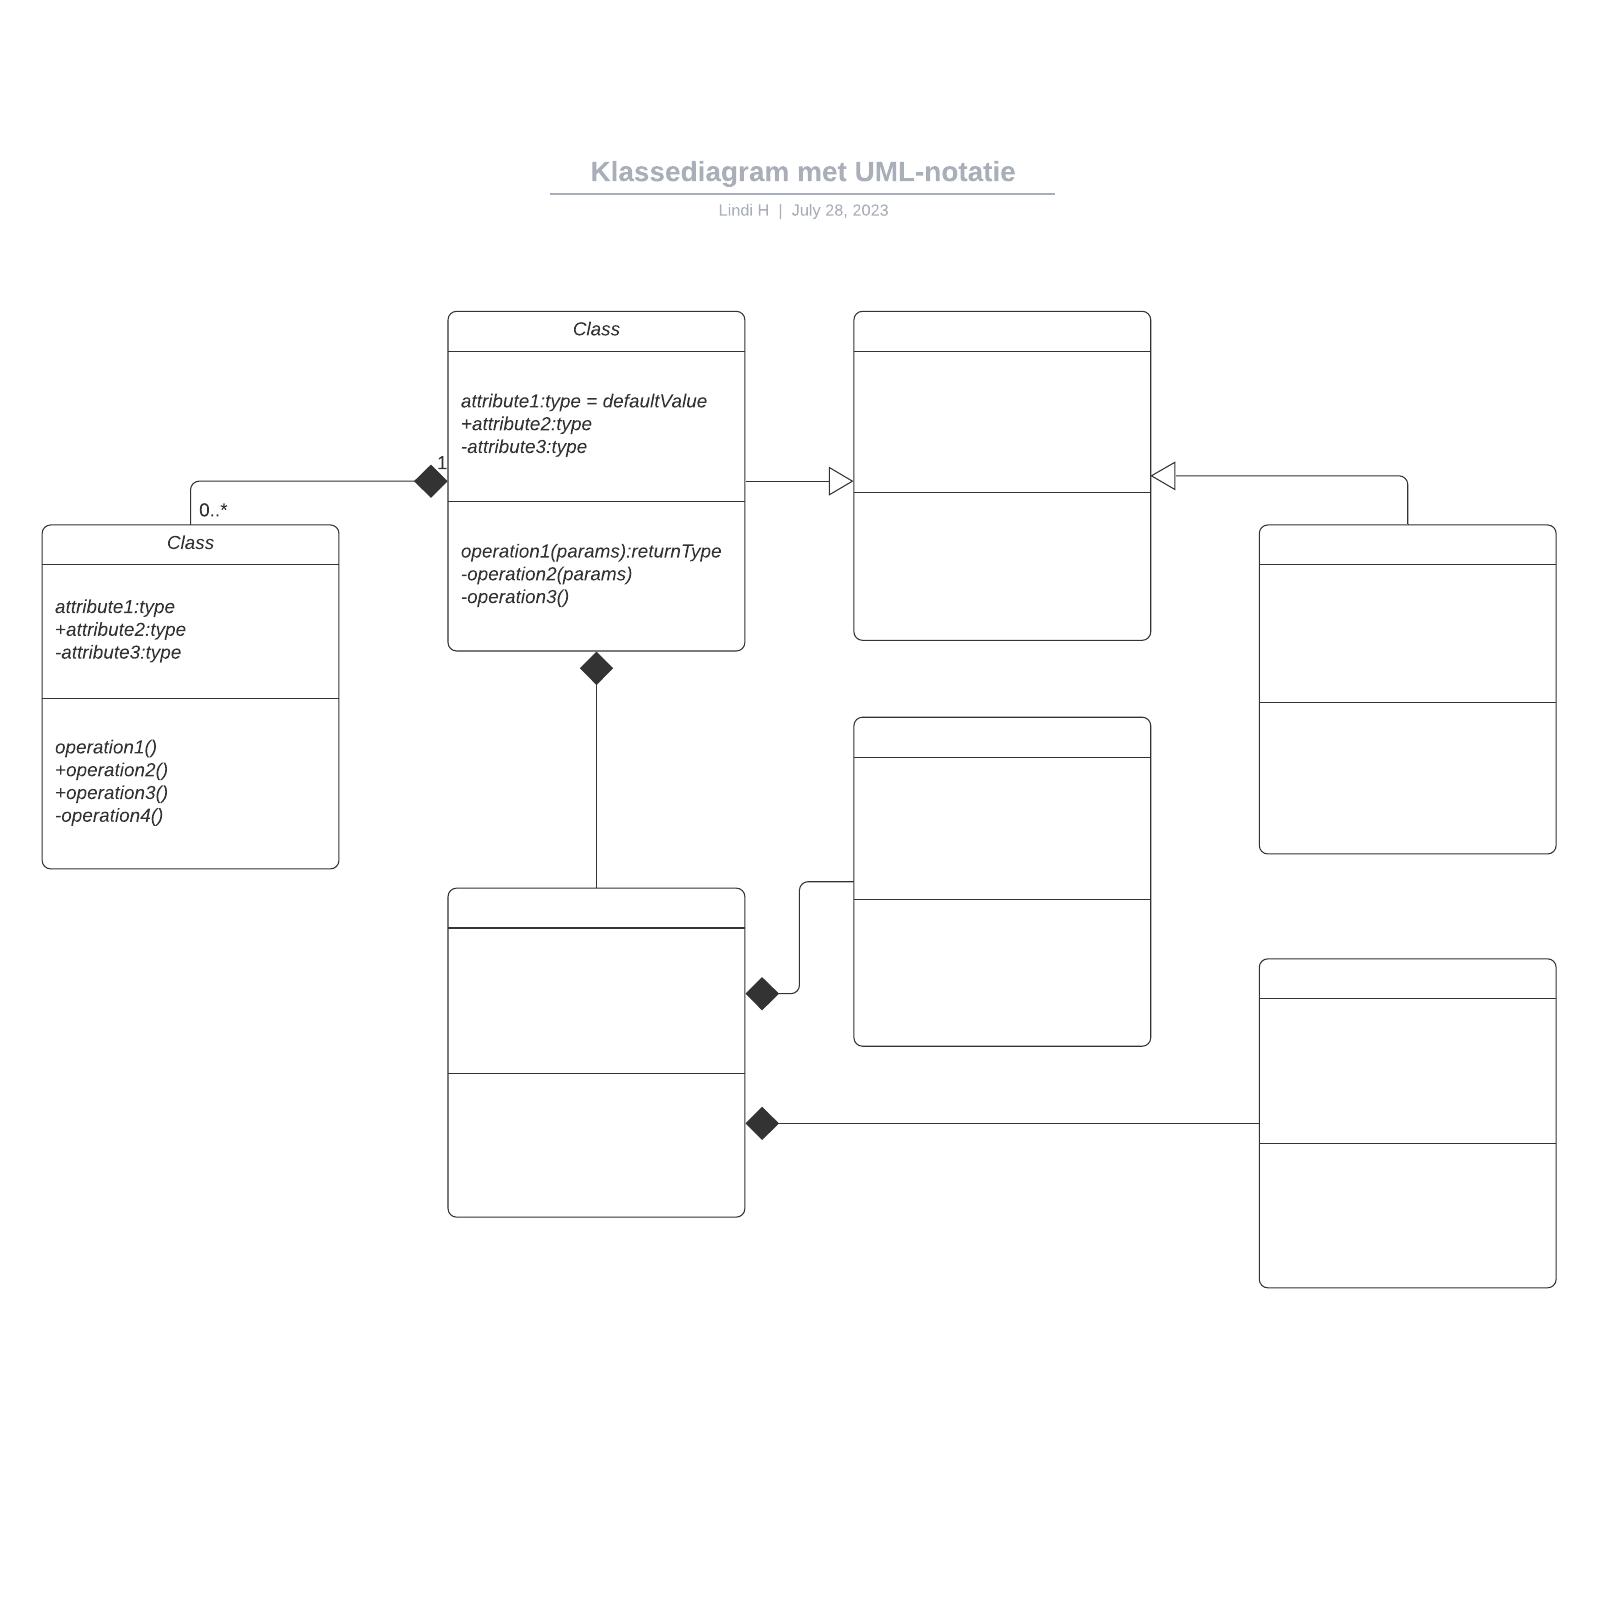 Klassediagram met UML-notatie